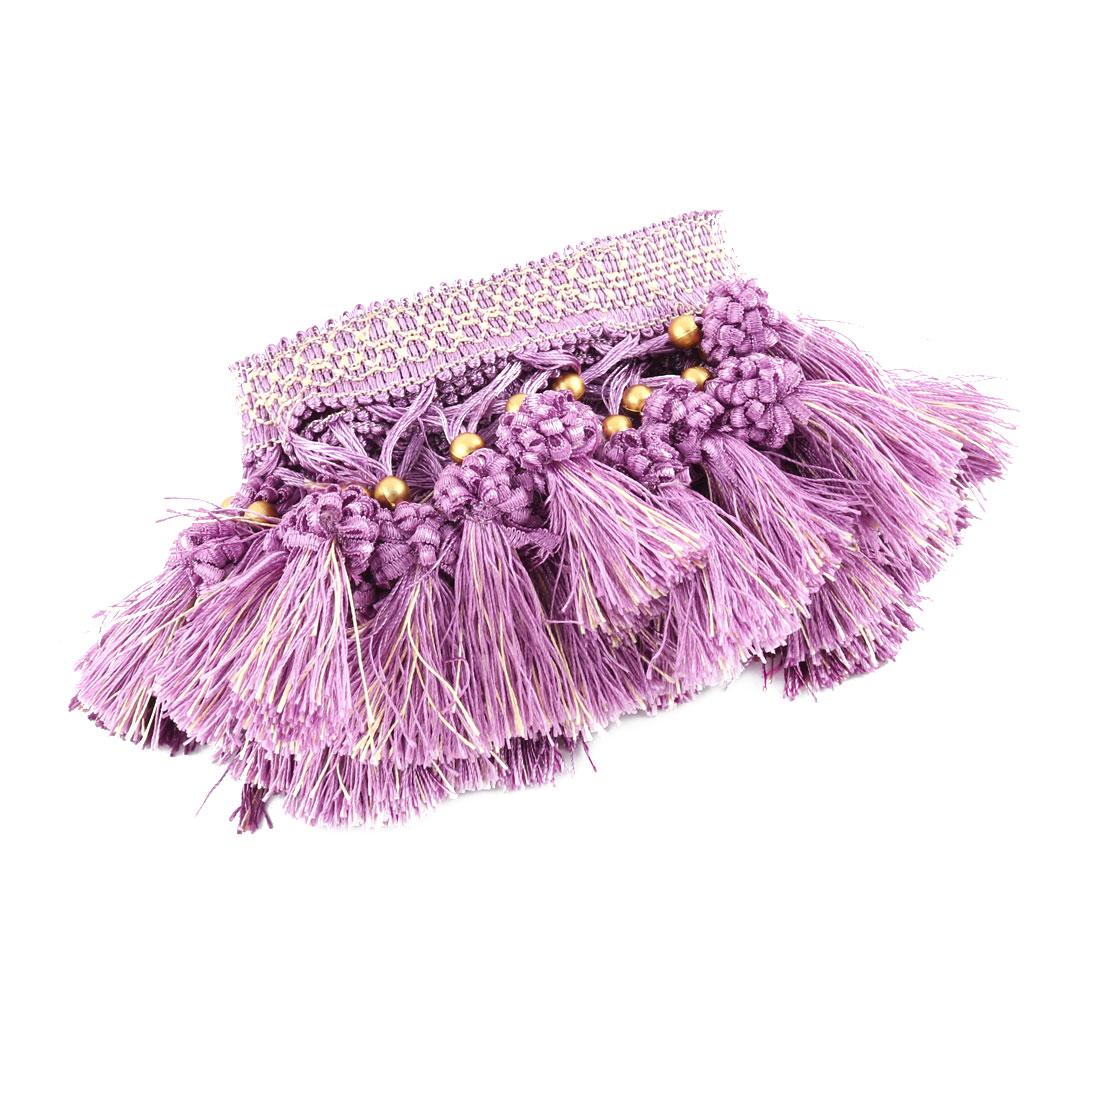 Family Polyester Flower Ball Pendant Curtain Tassel Fringe Trim Purple 3.3 Yards Length